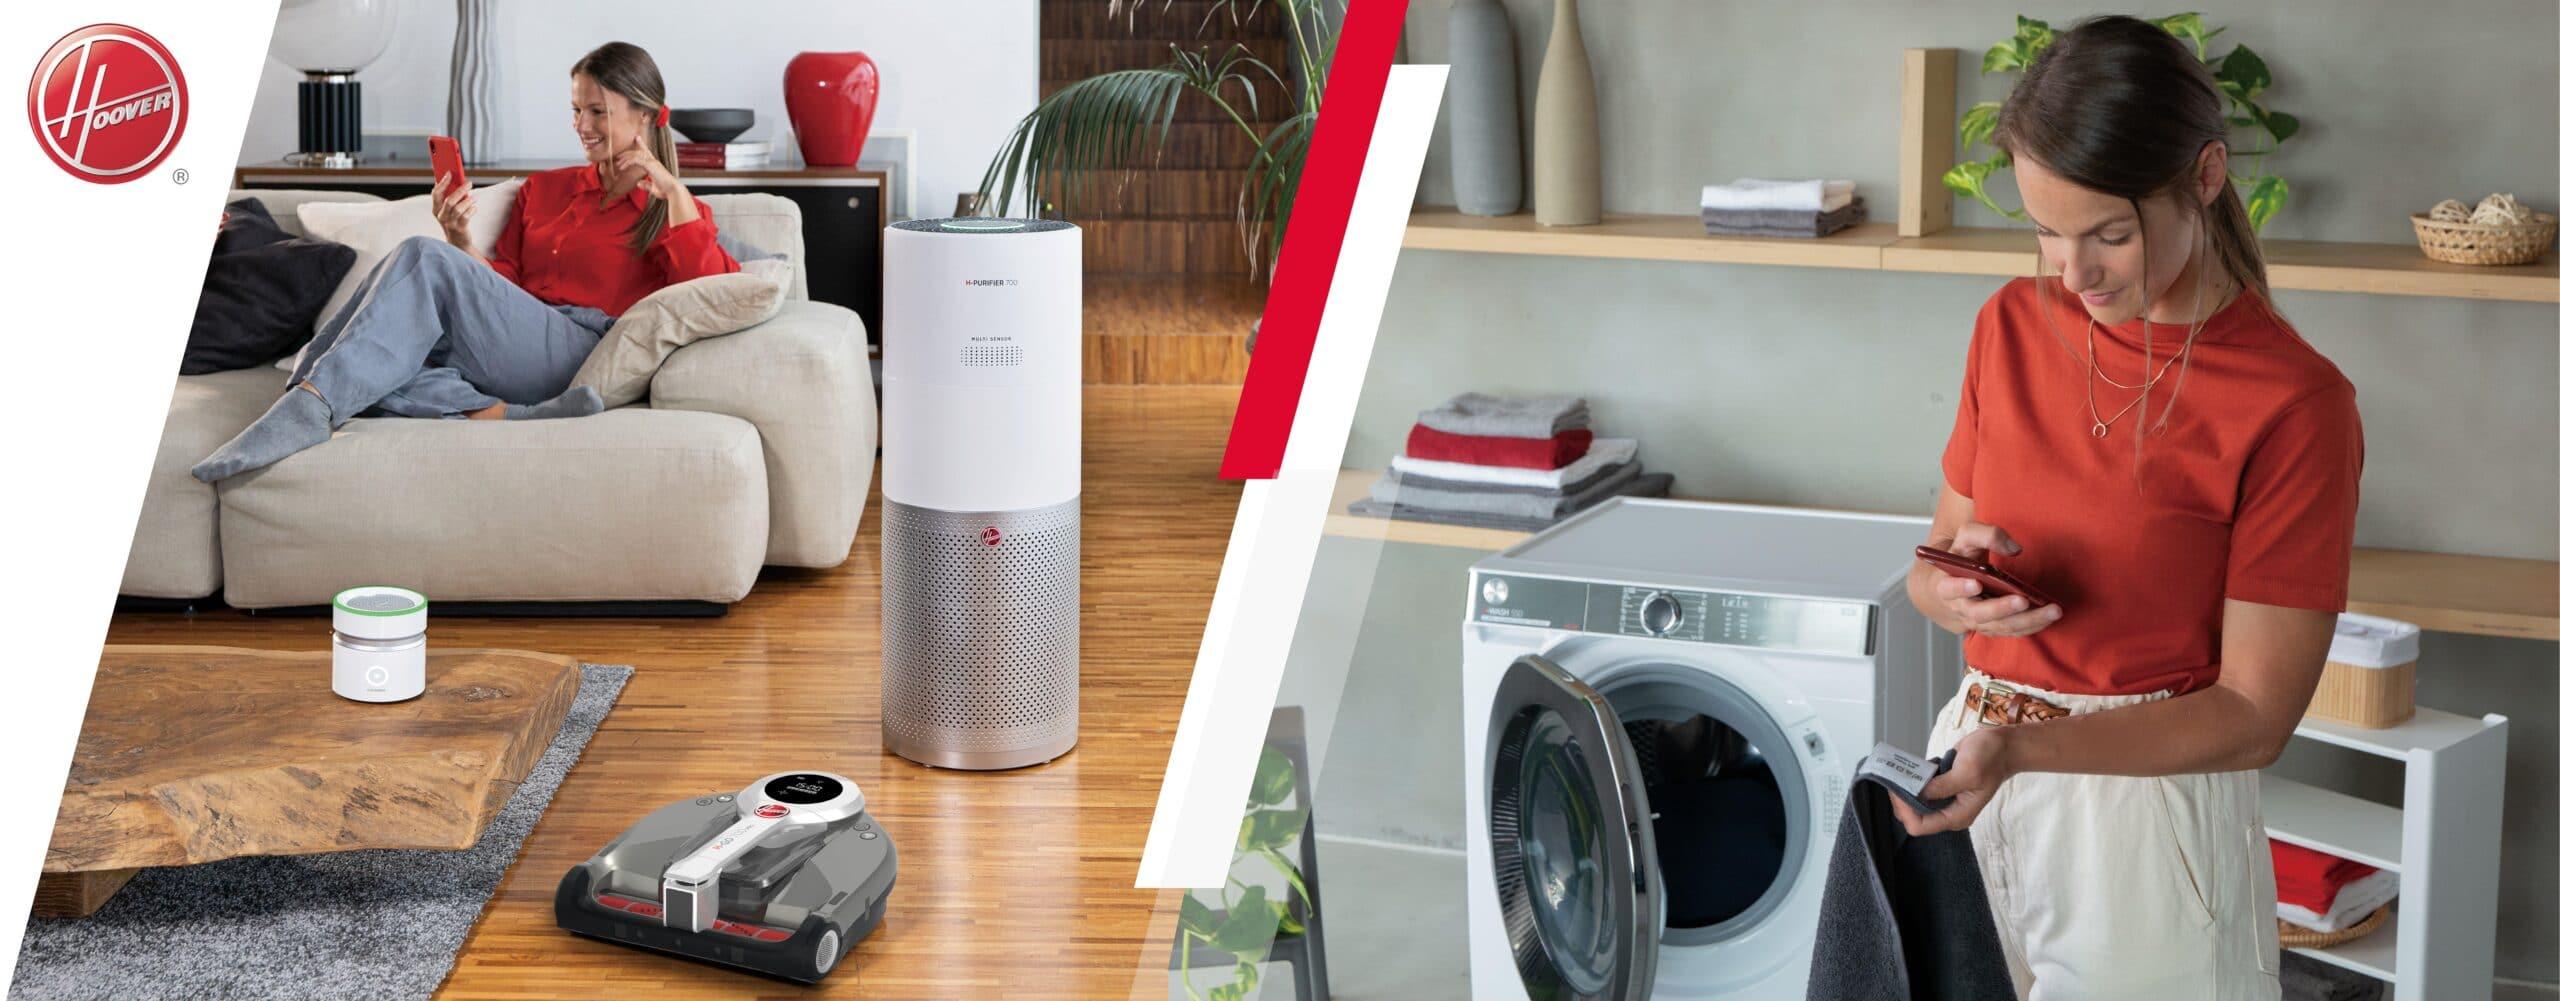 Hoover: l'attenzione al benessere nella pulizia e nel lavaggio thumbnail